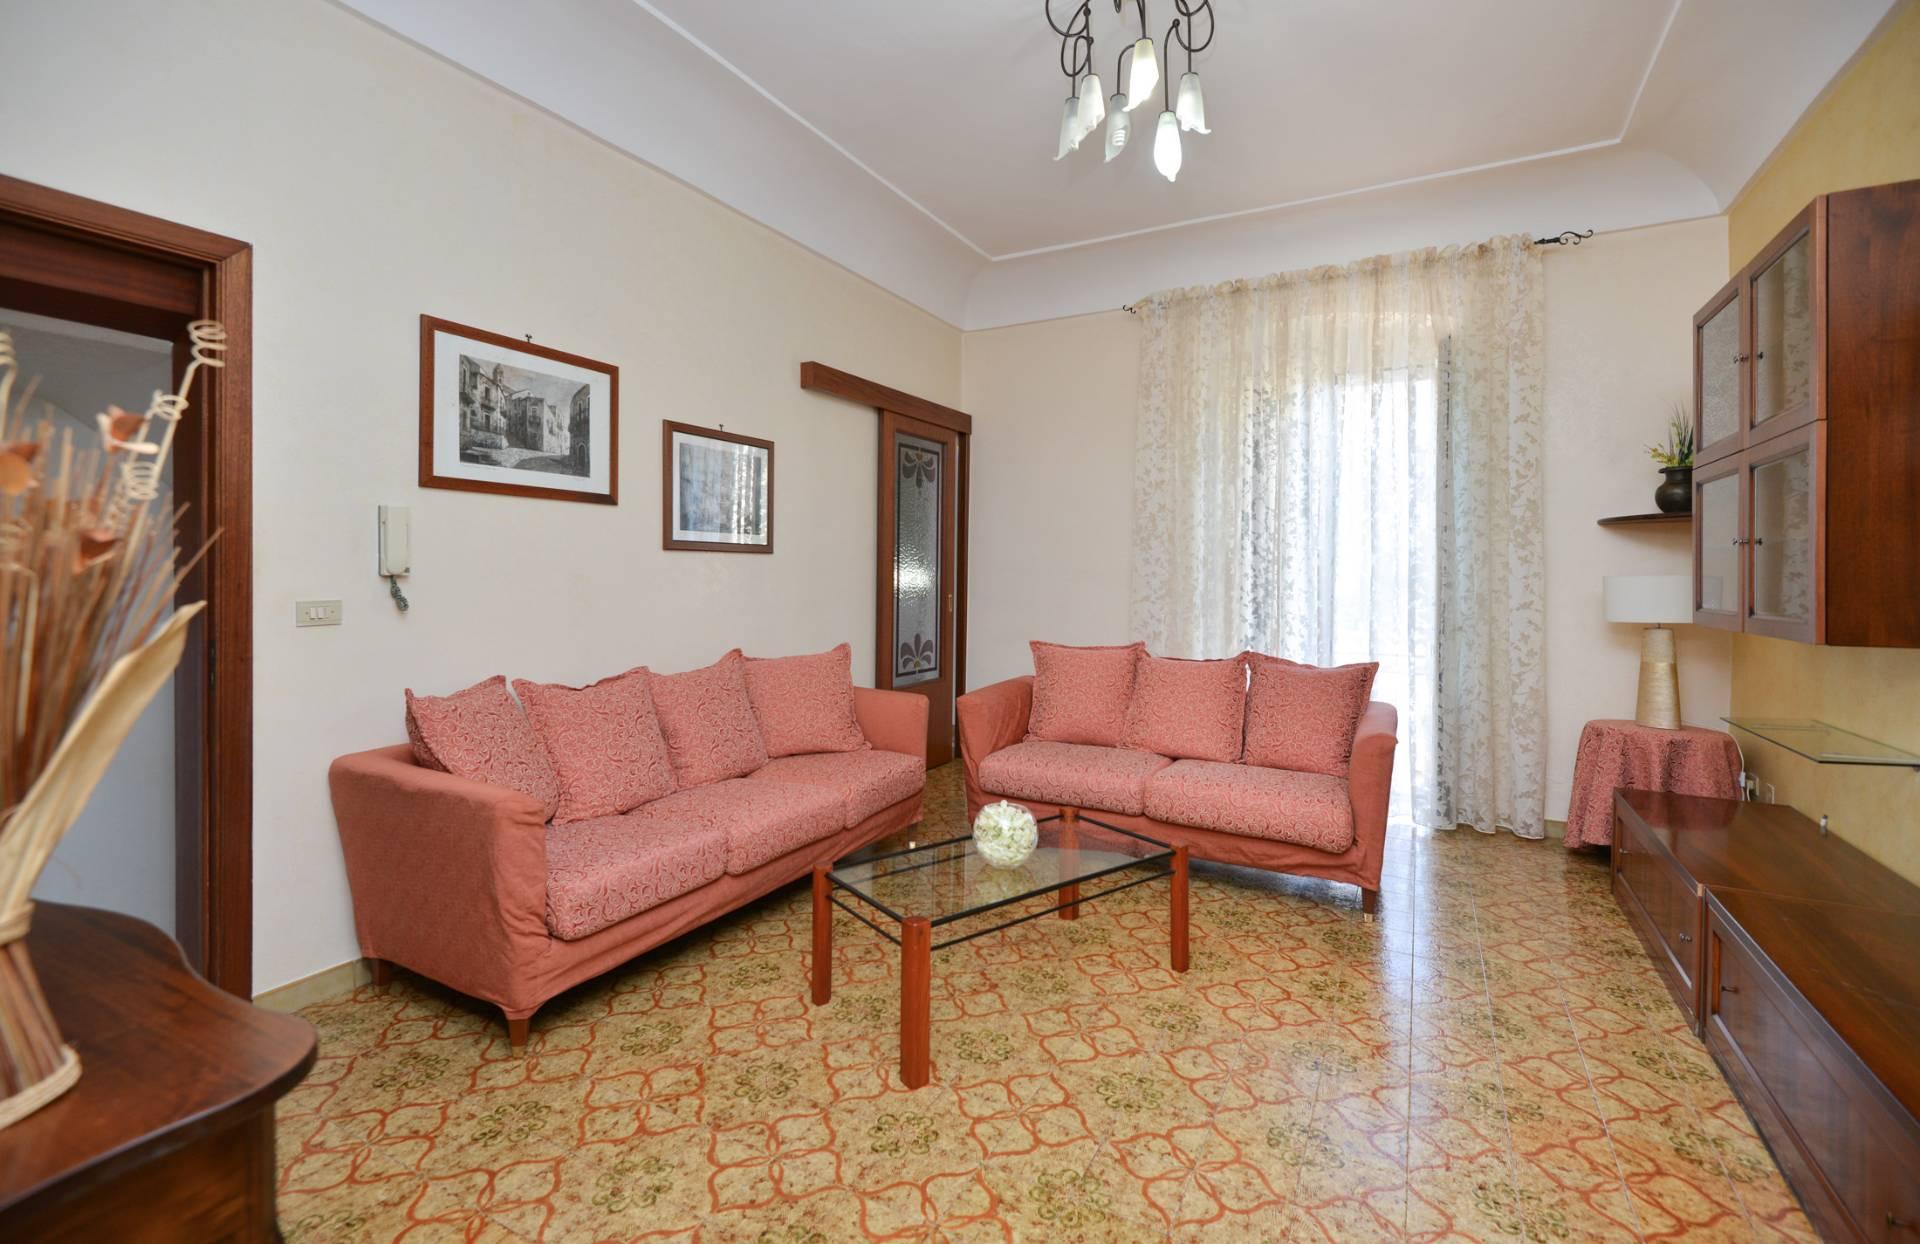 Soluzione Indipendente in vendita a Carovigno, 6 locali, prezzo € 89.000 | CambioCasa.it